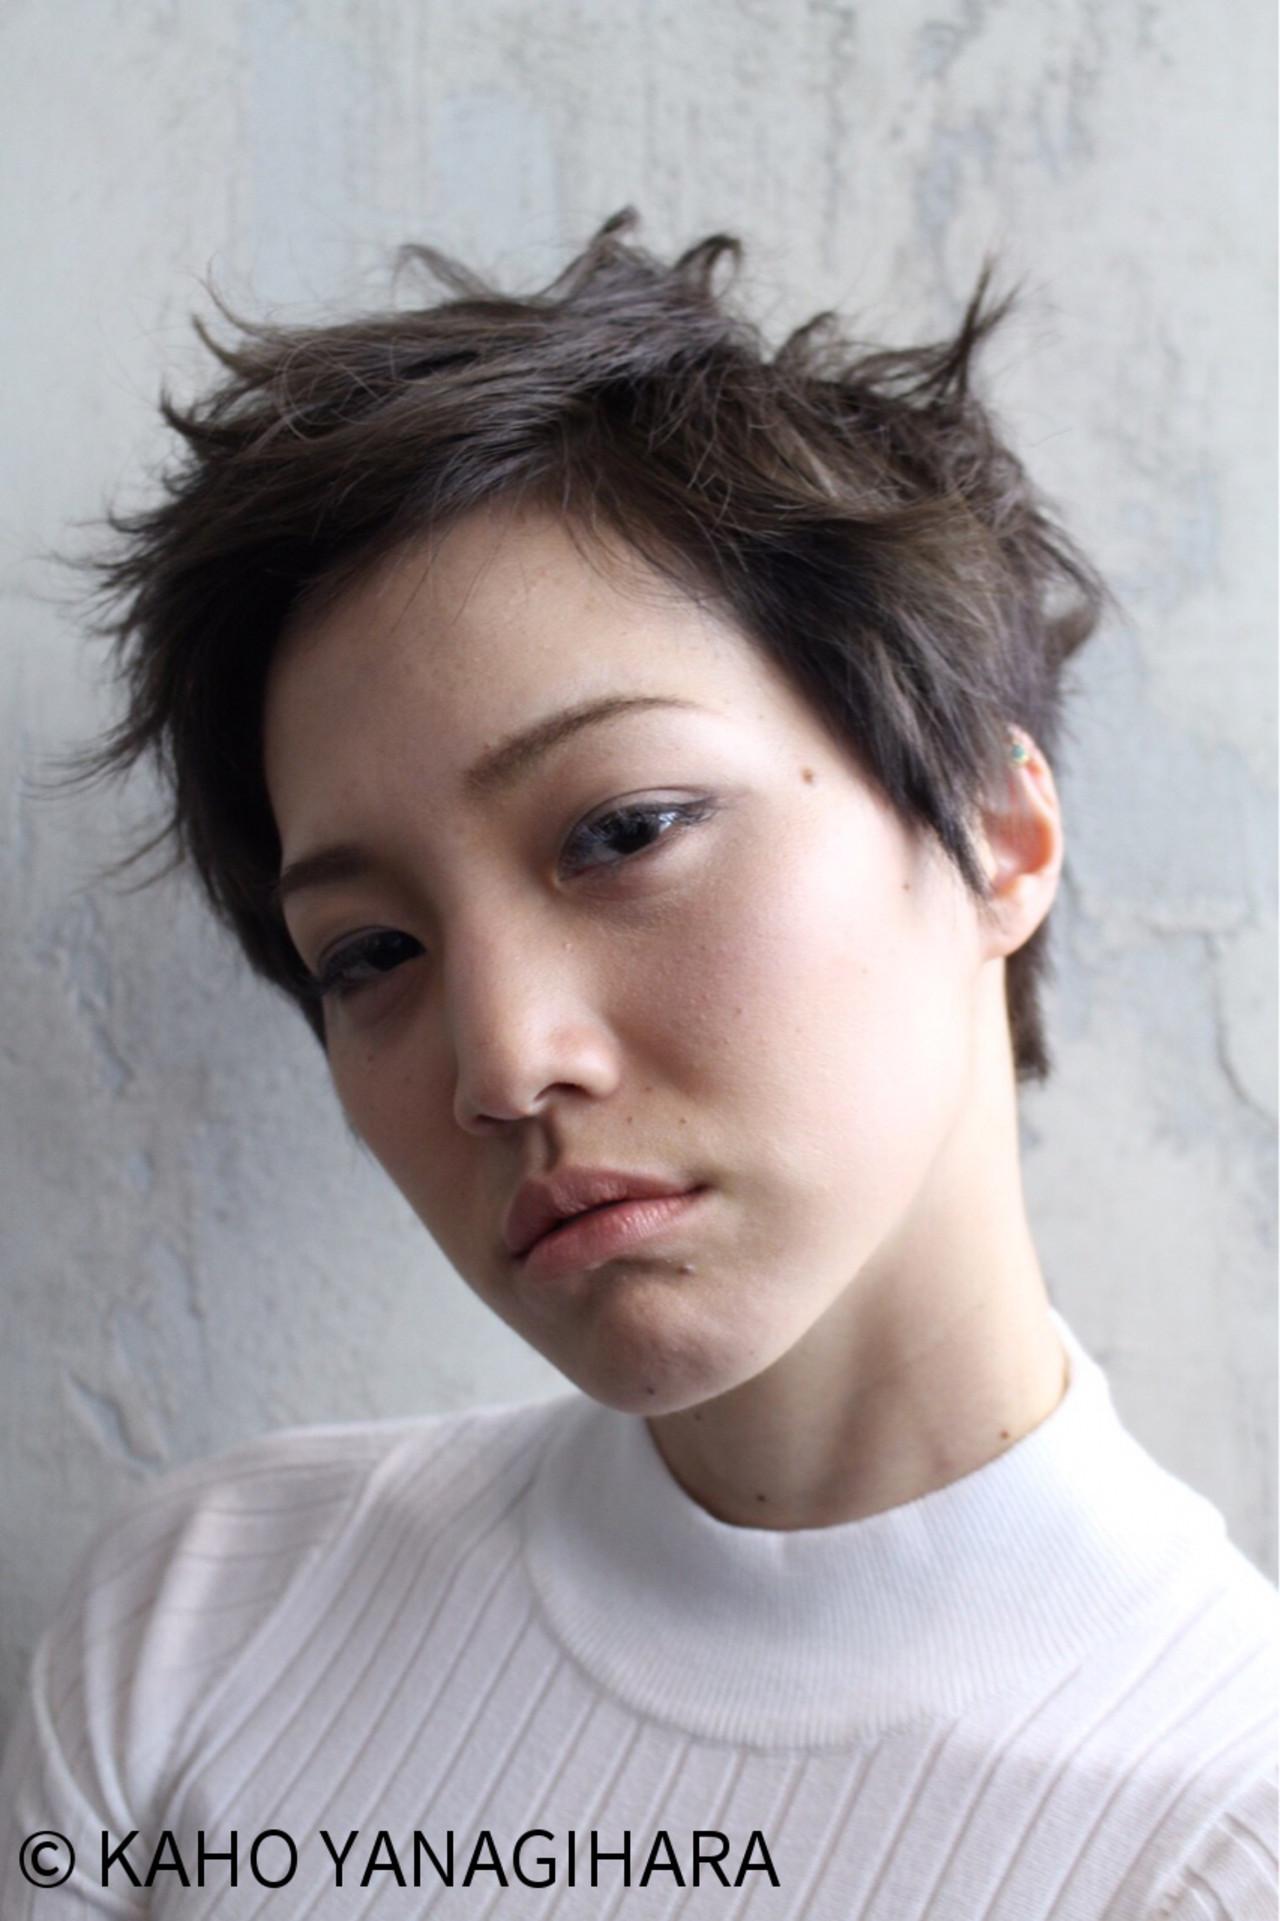 人気海外女優のクリステン・スチュワートさん KAHO YANAGIHARA